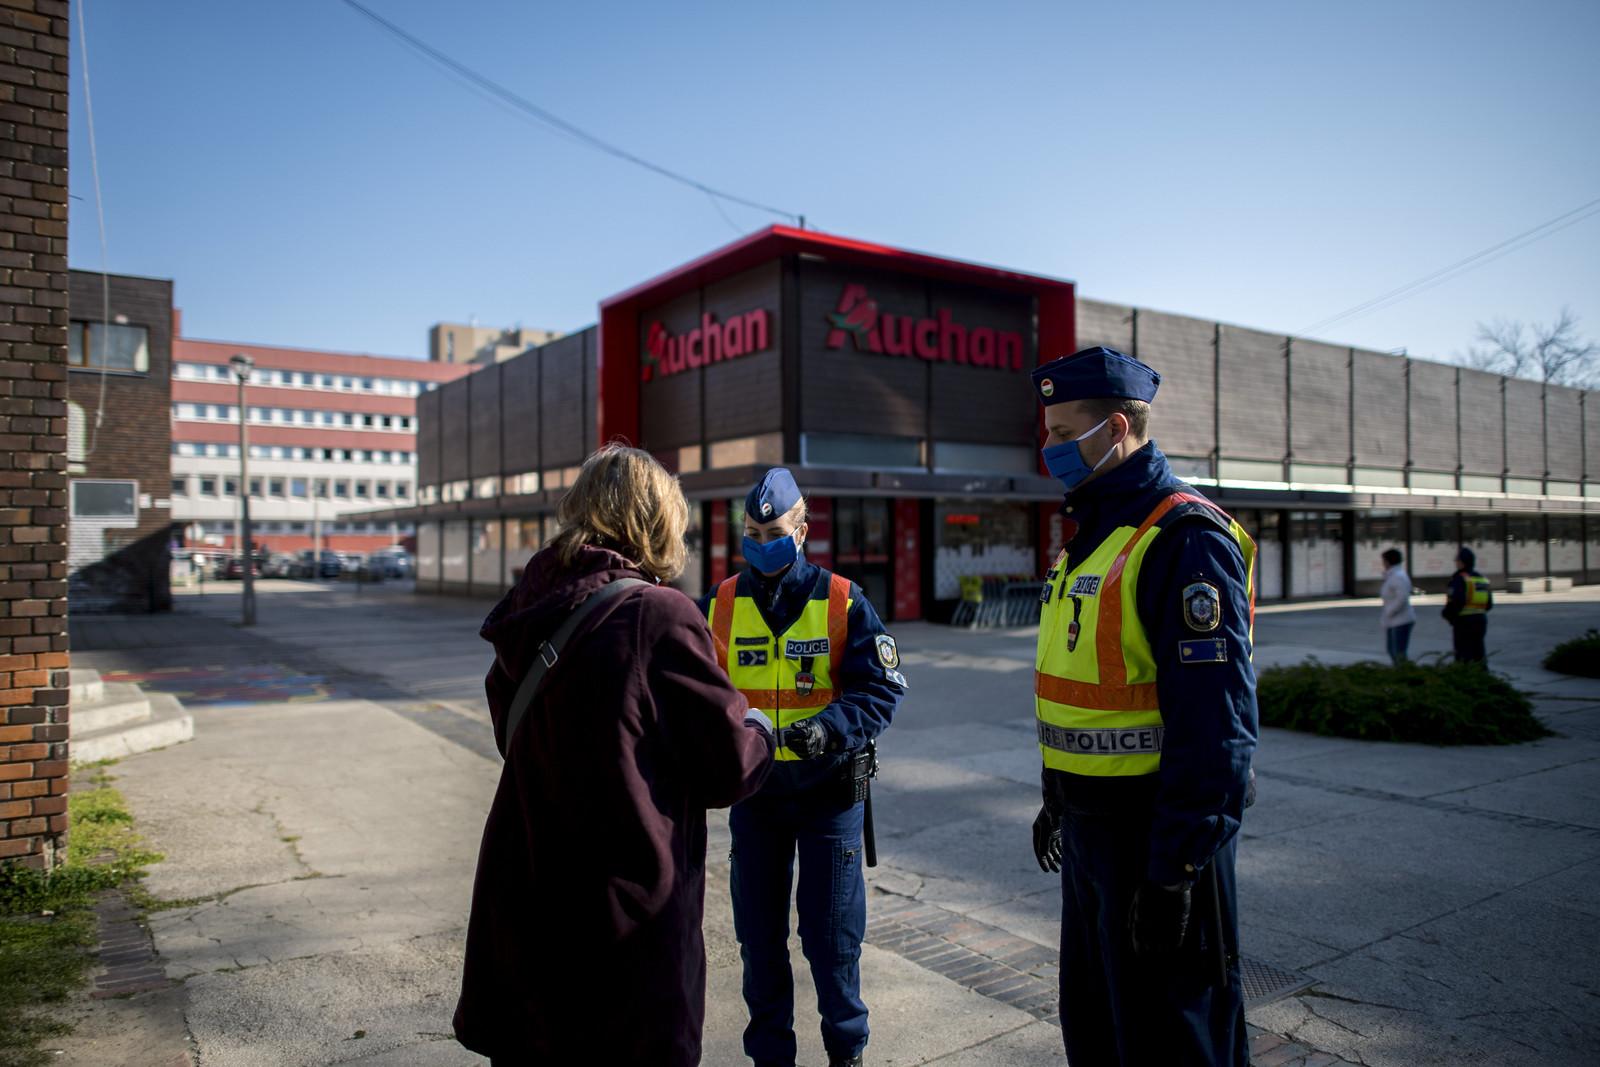 Csongrád megyében 12 esetben jártak el a rendőrök a kijárási korlátozás megszegése miatt